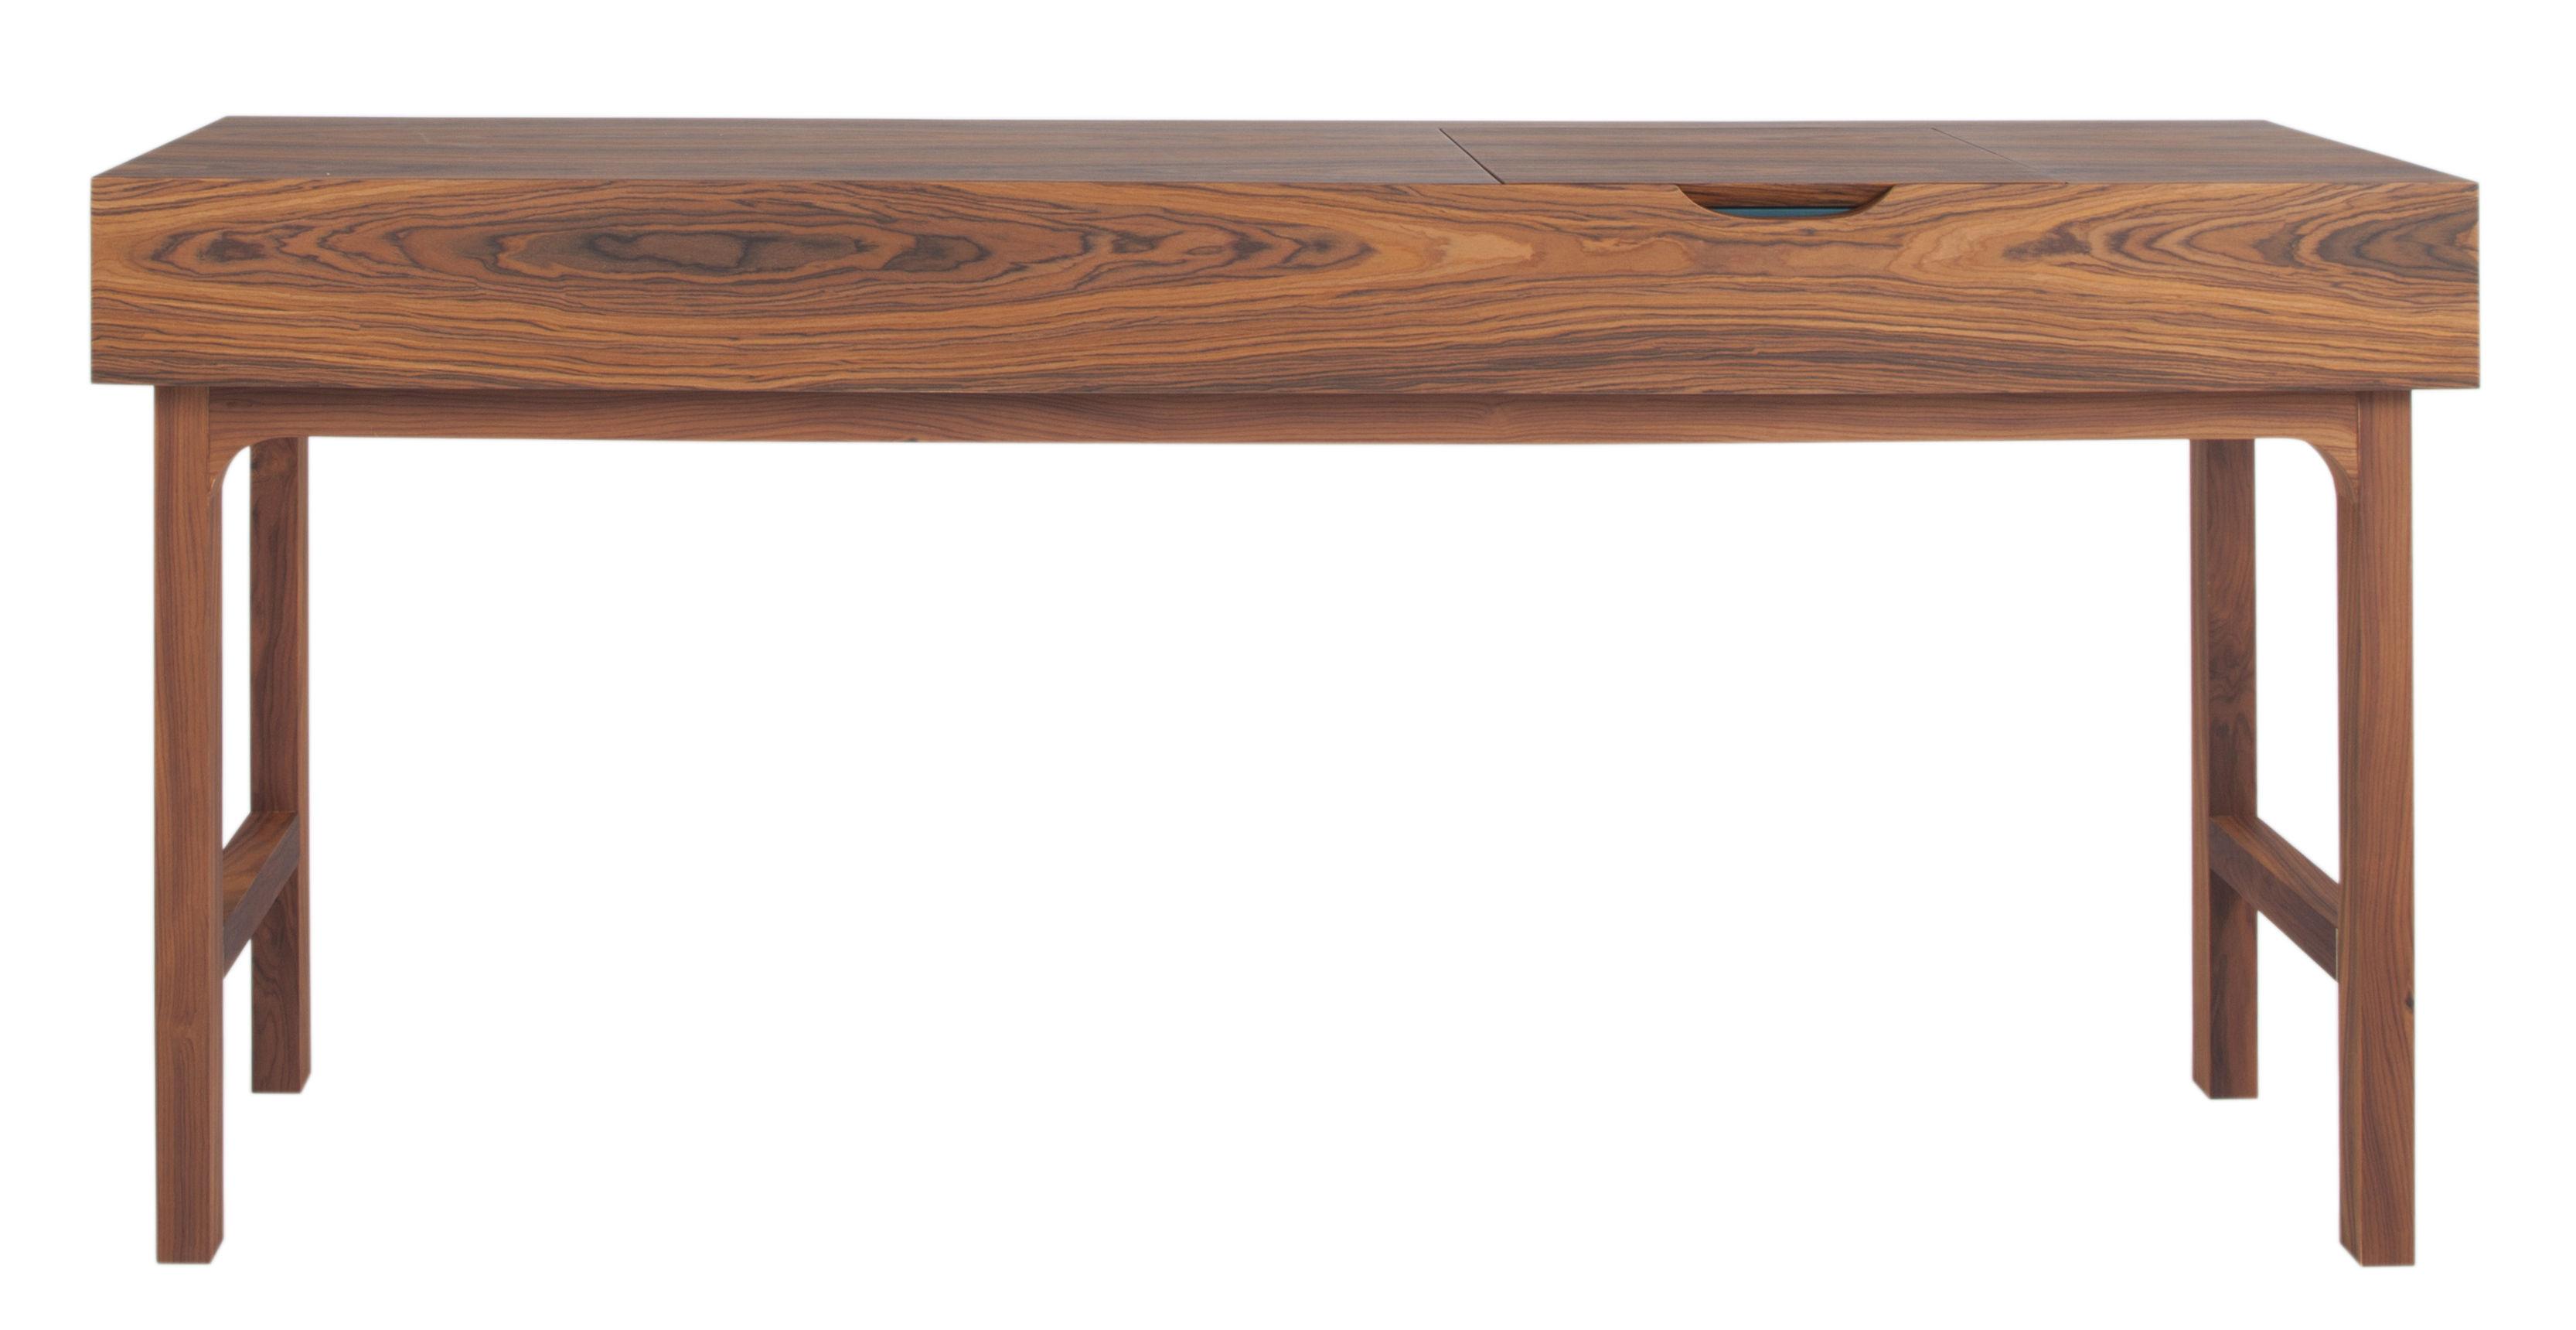 console le roch coiffeuse palissandre l 170 cm. Black Bedroom Furniture Sets. Home Design Ideas